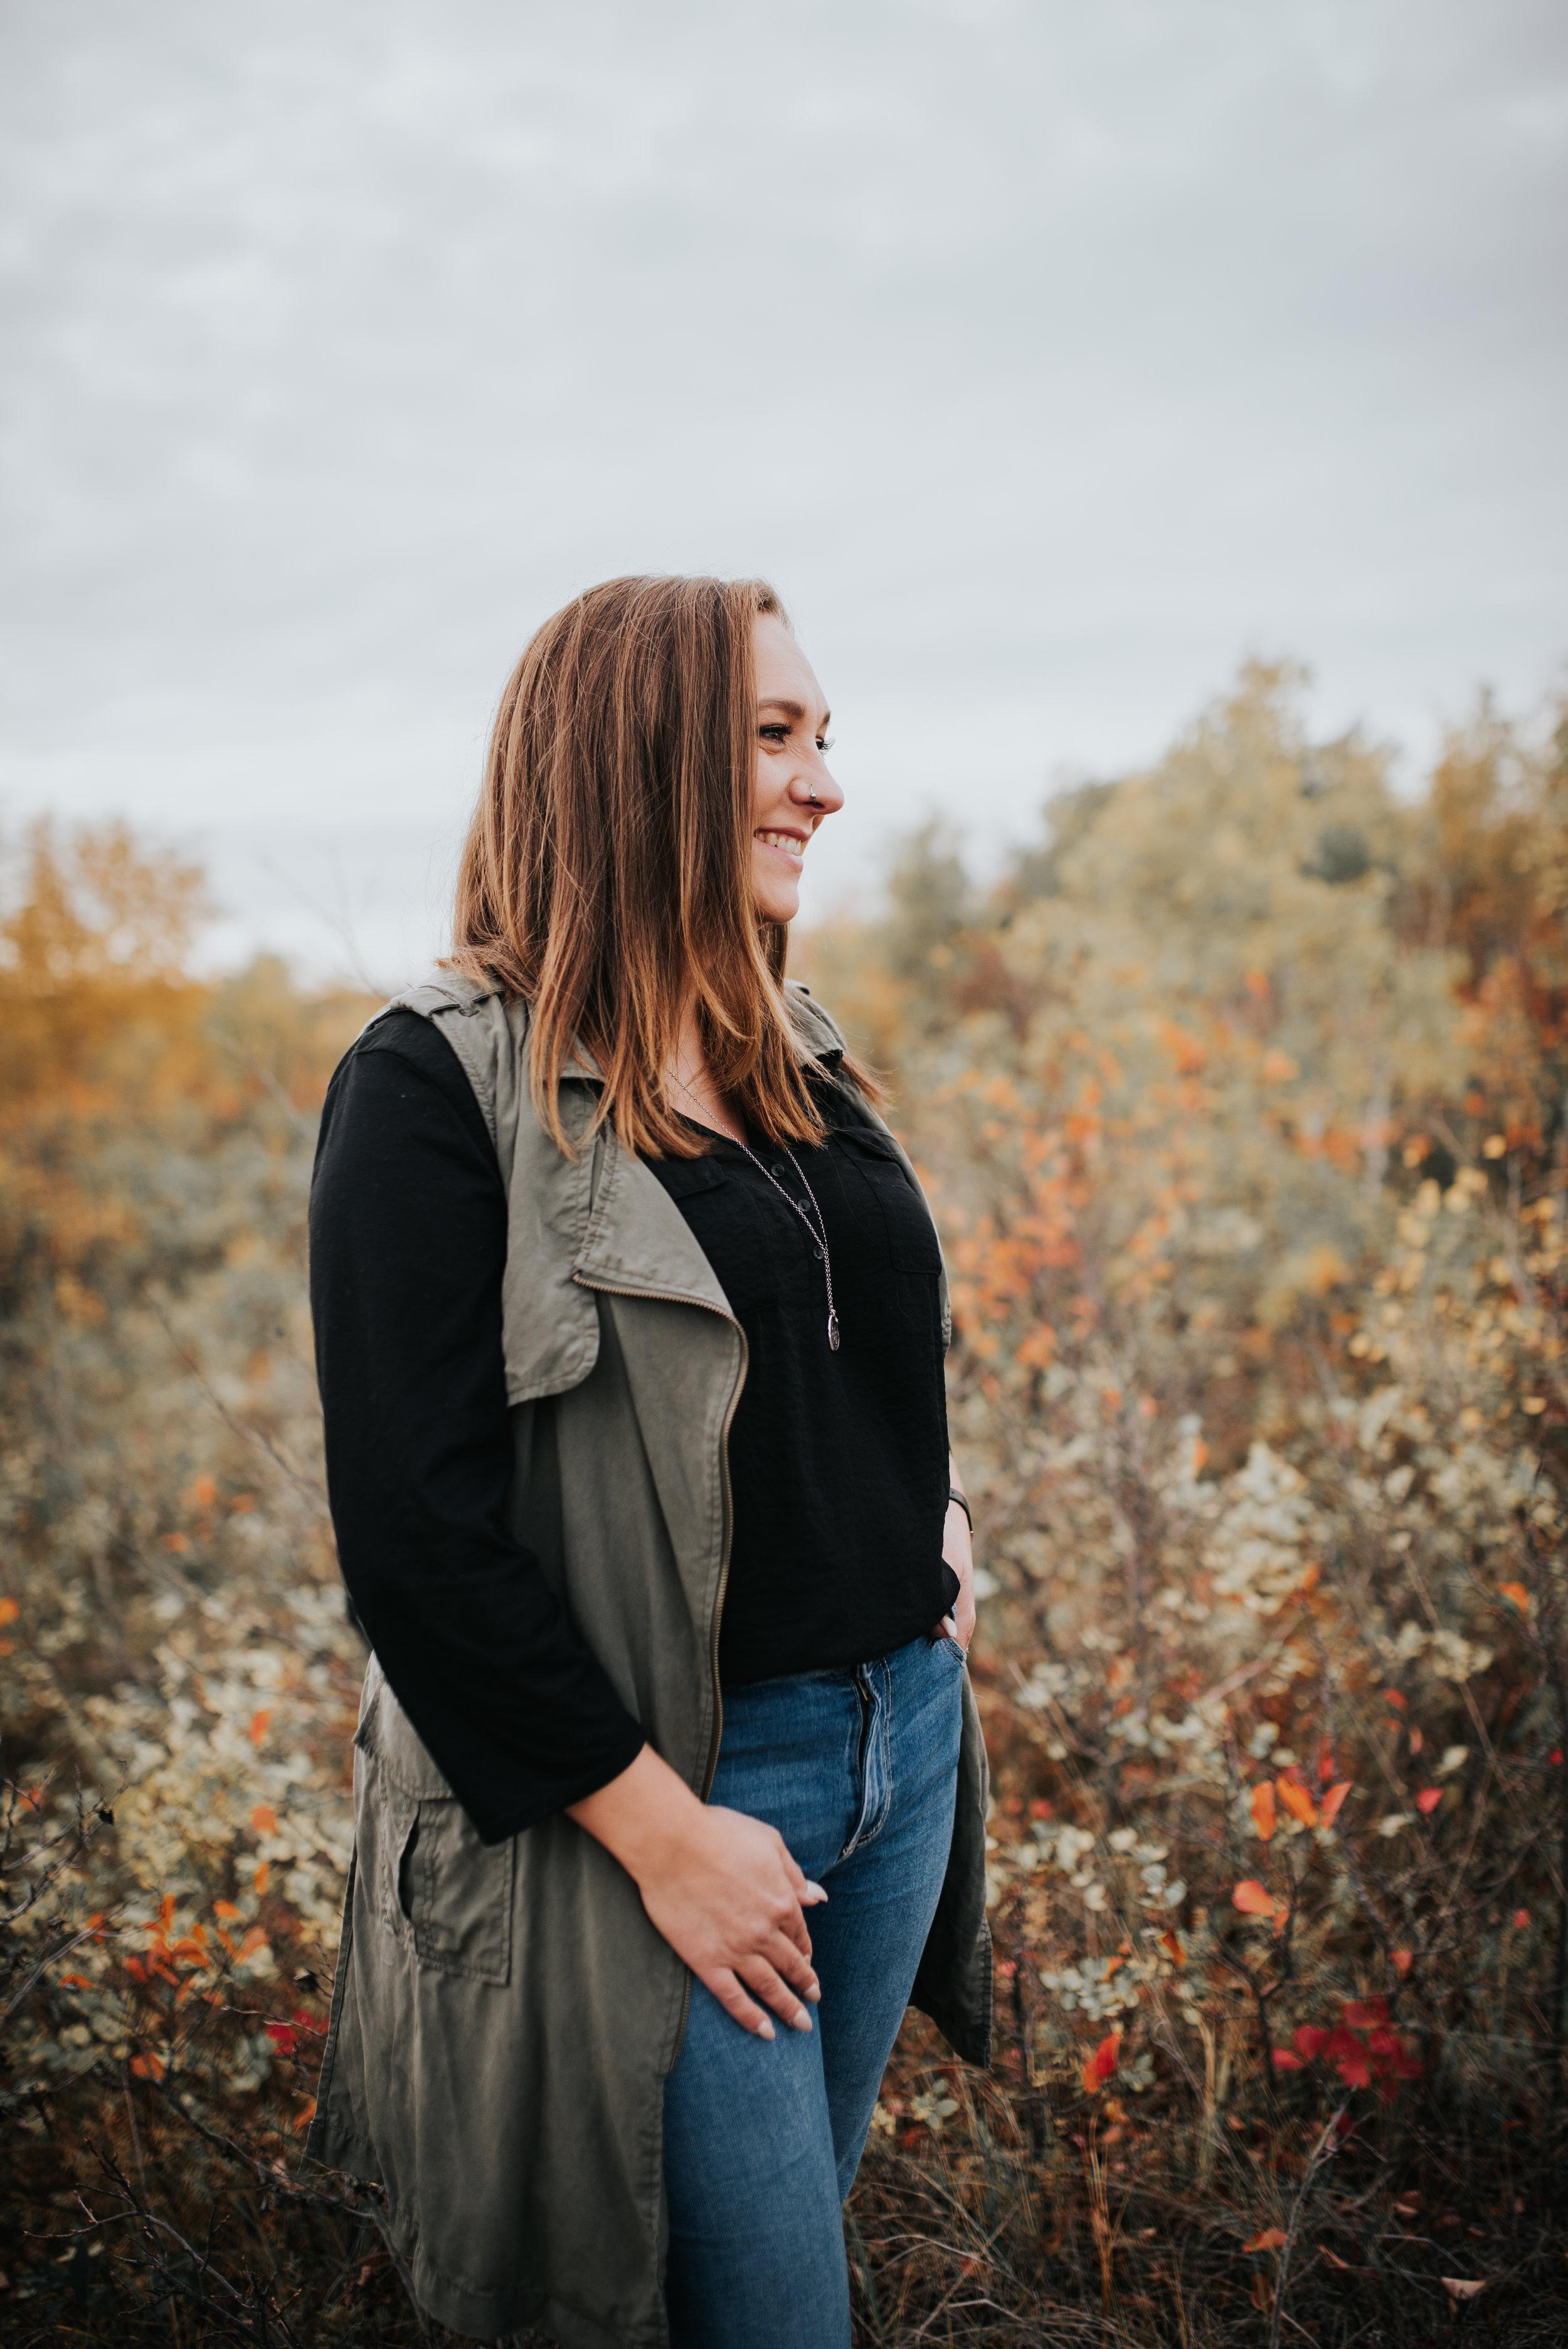 Alauna autumn backdrop